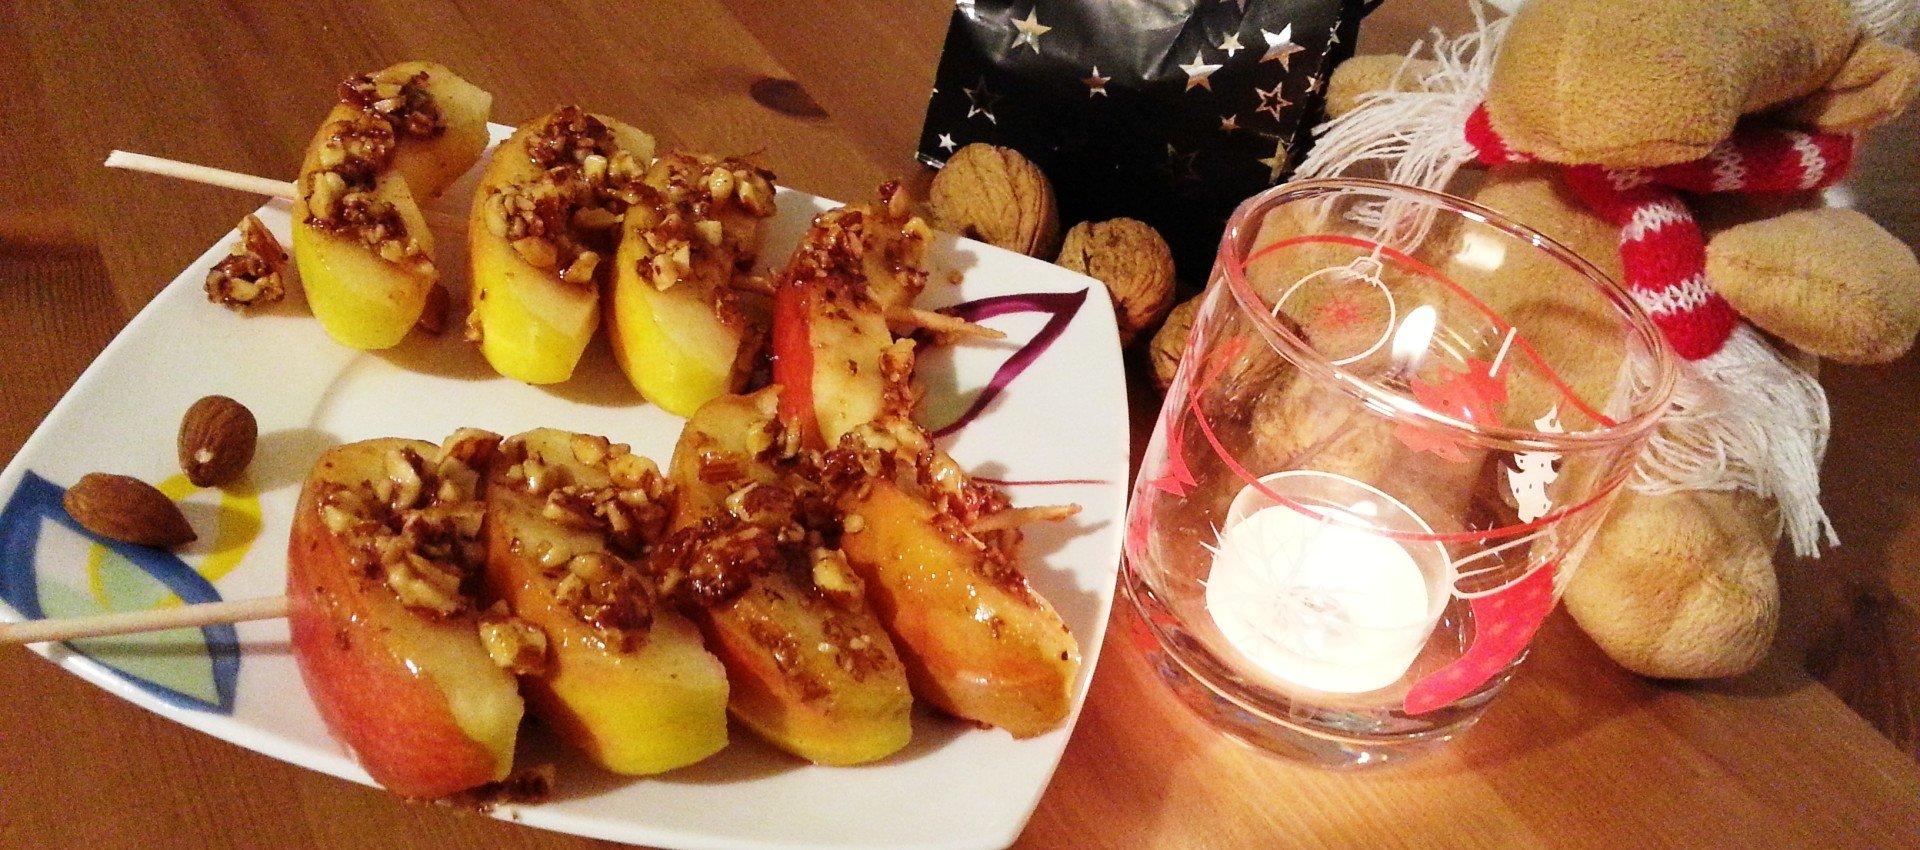 Kandierter Apfel mit Mandeln